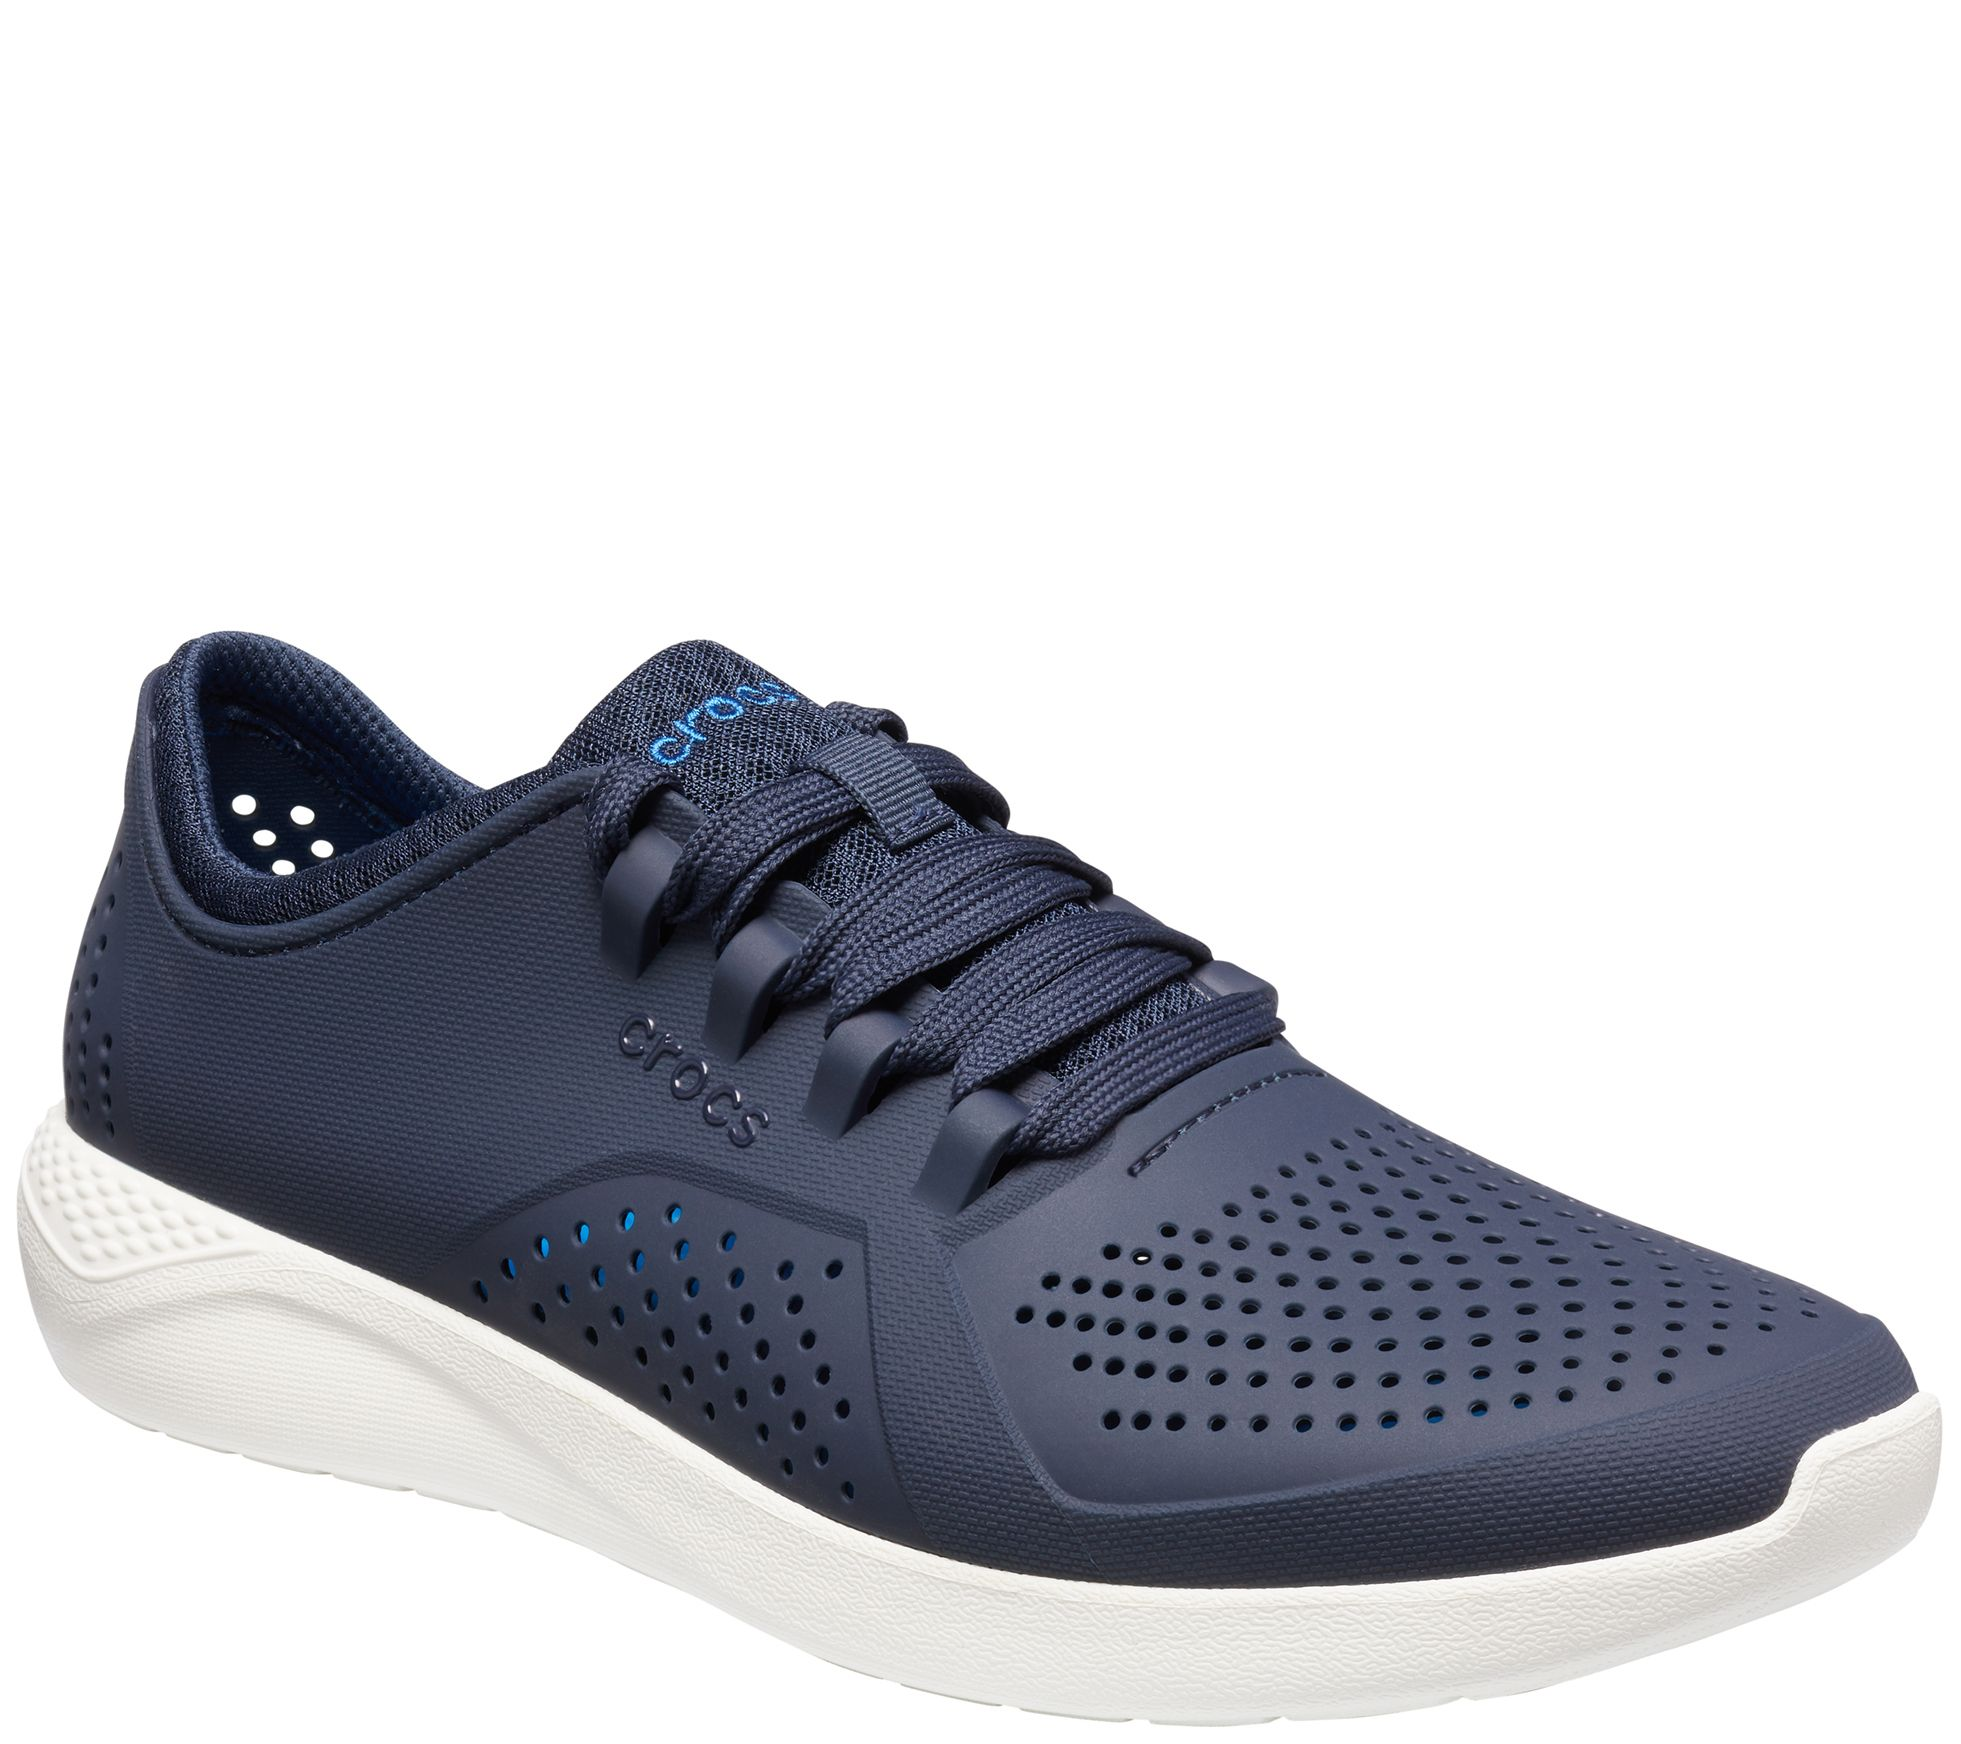 55e2efb270 Crocs LiteRide Pacer Men's Sneakers - Page 1 — QVC.com